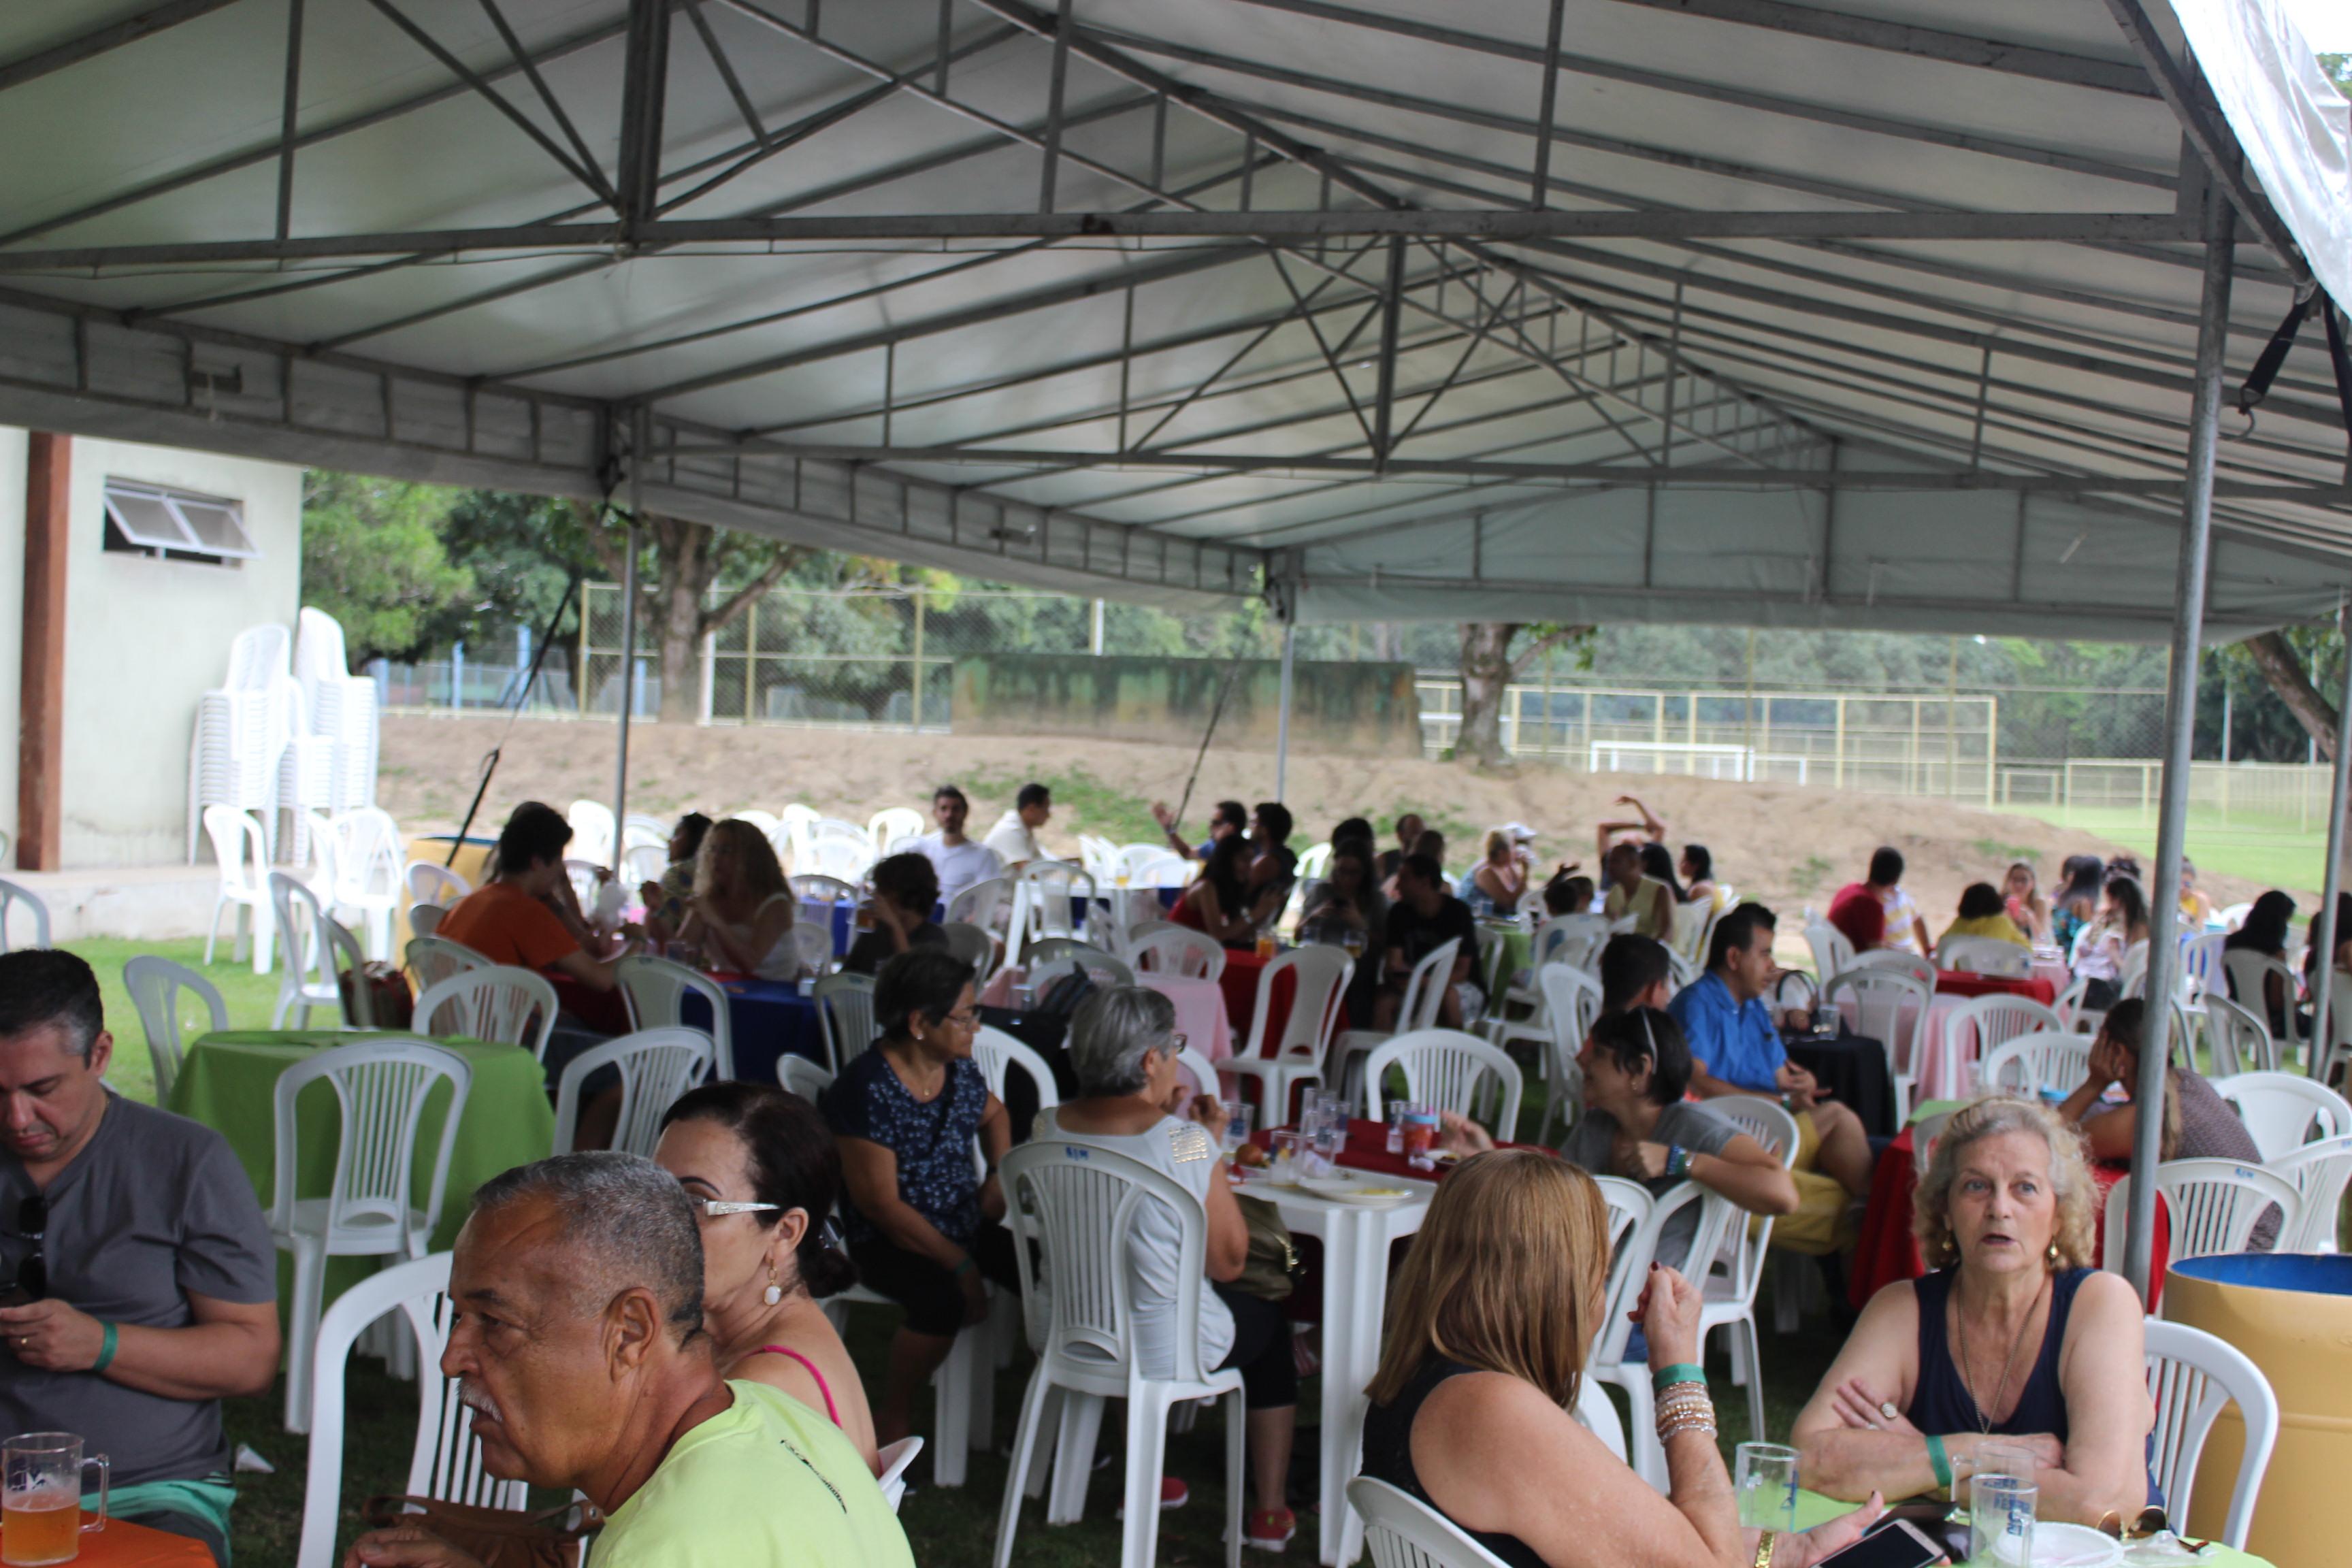 Festa da grande vit ria re ne cerca de 600 pessoas e for Camping cerca de vitoria